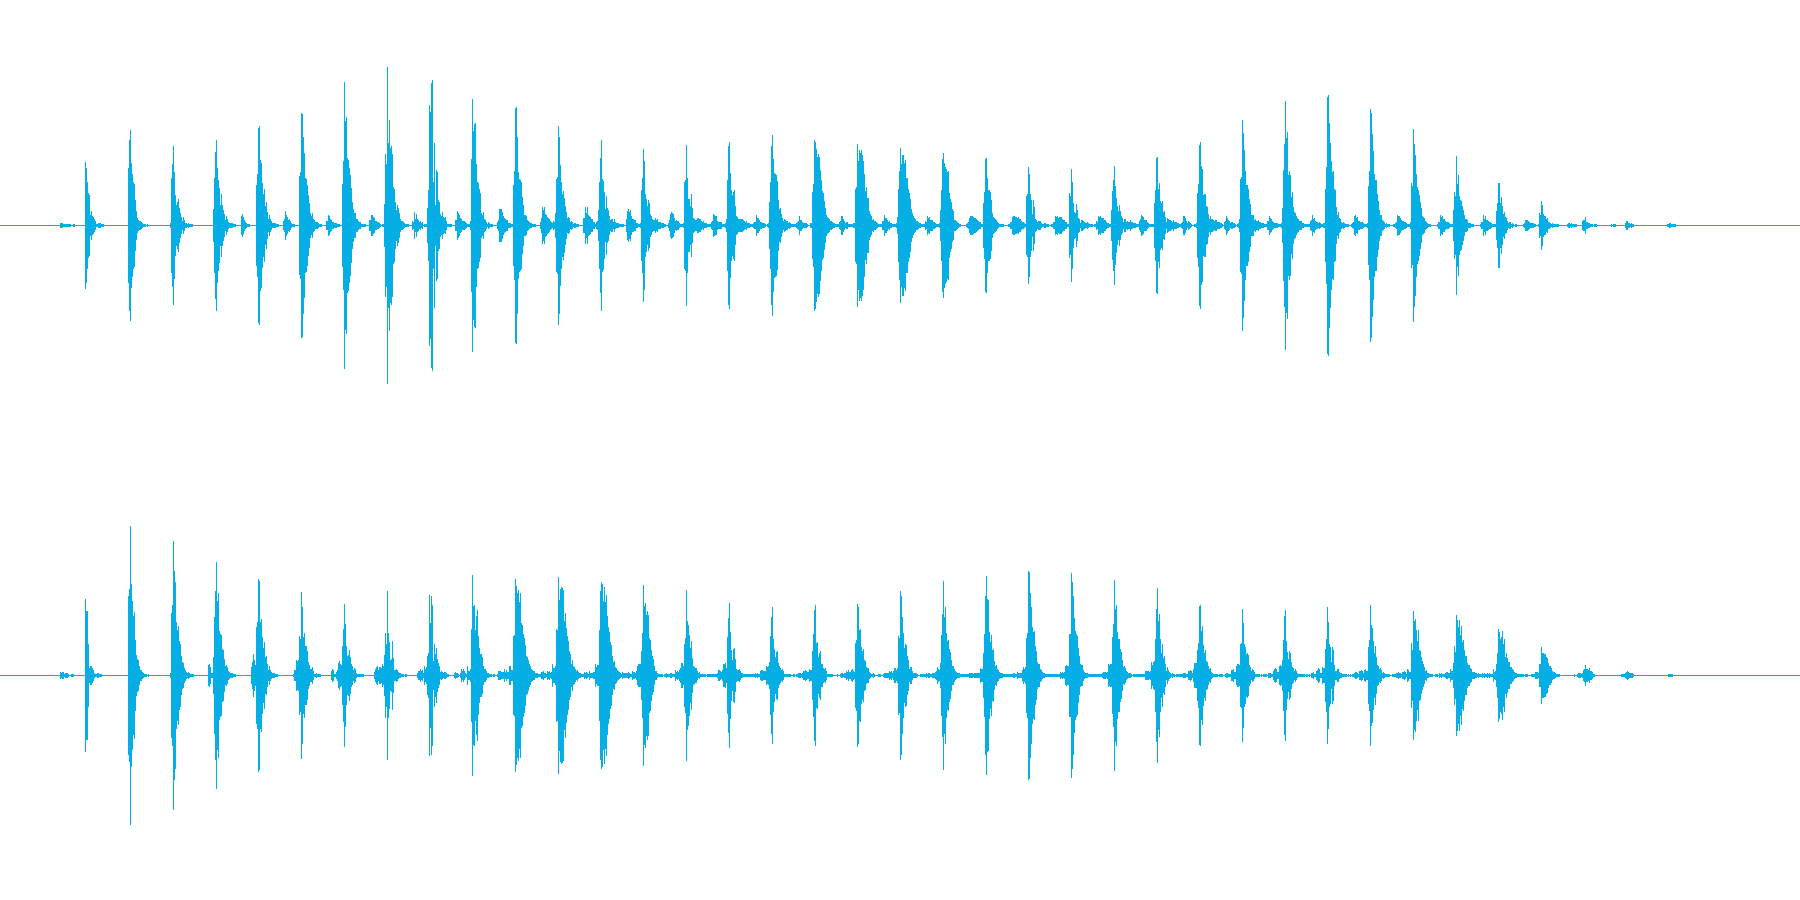 おかしなコミカルな効果音 パワーダウンの再生済みの波形